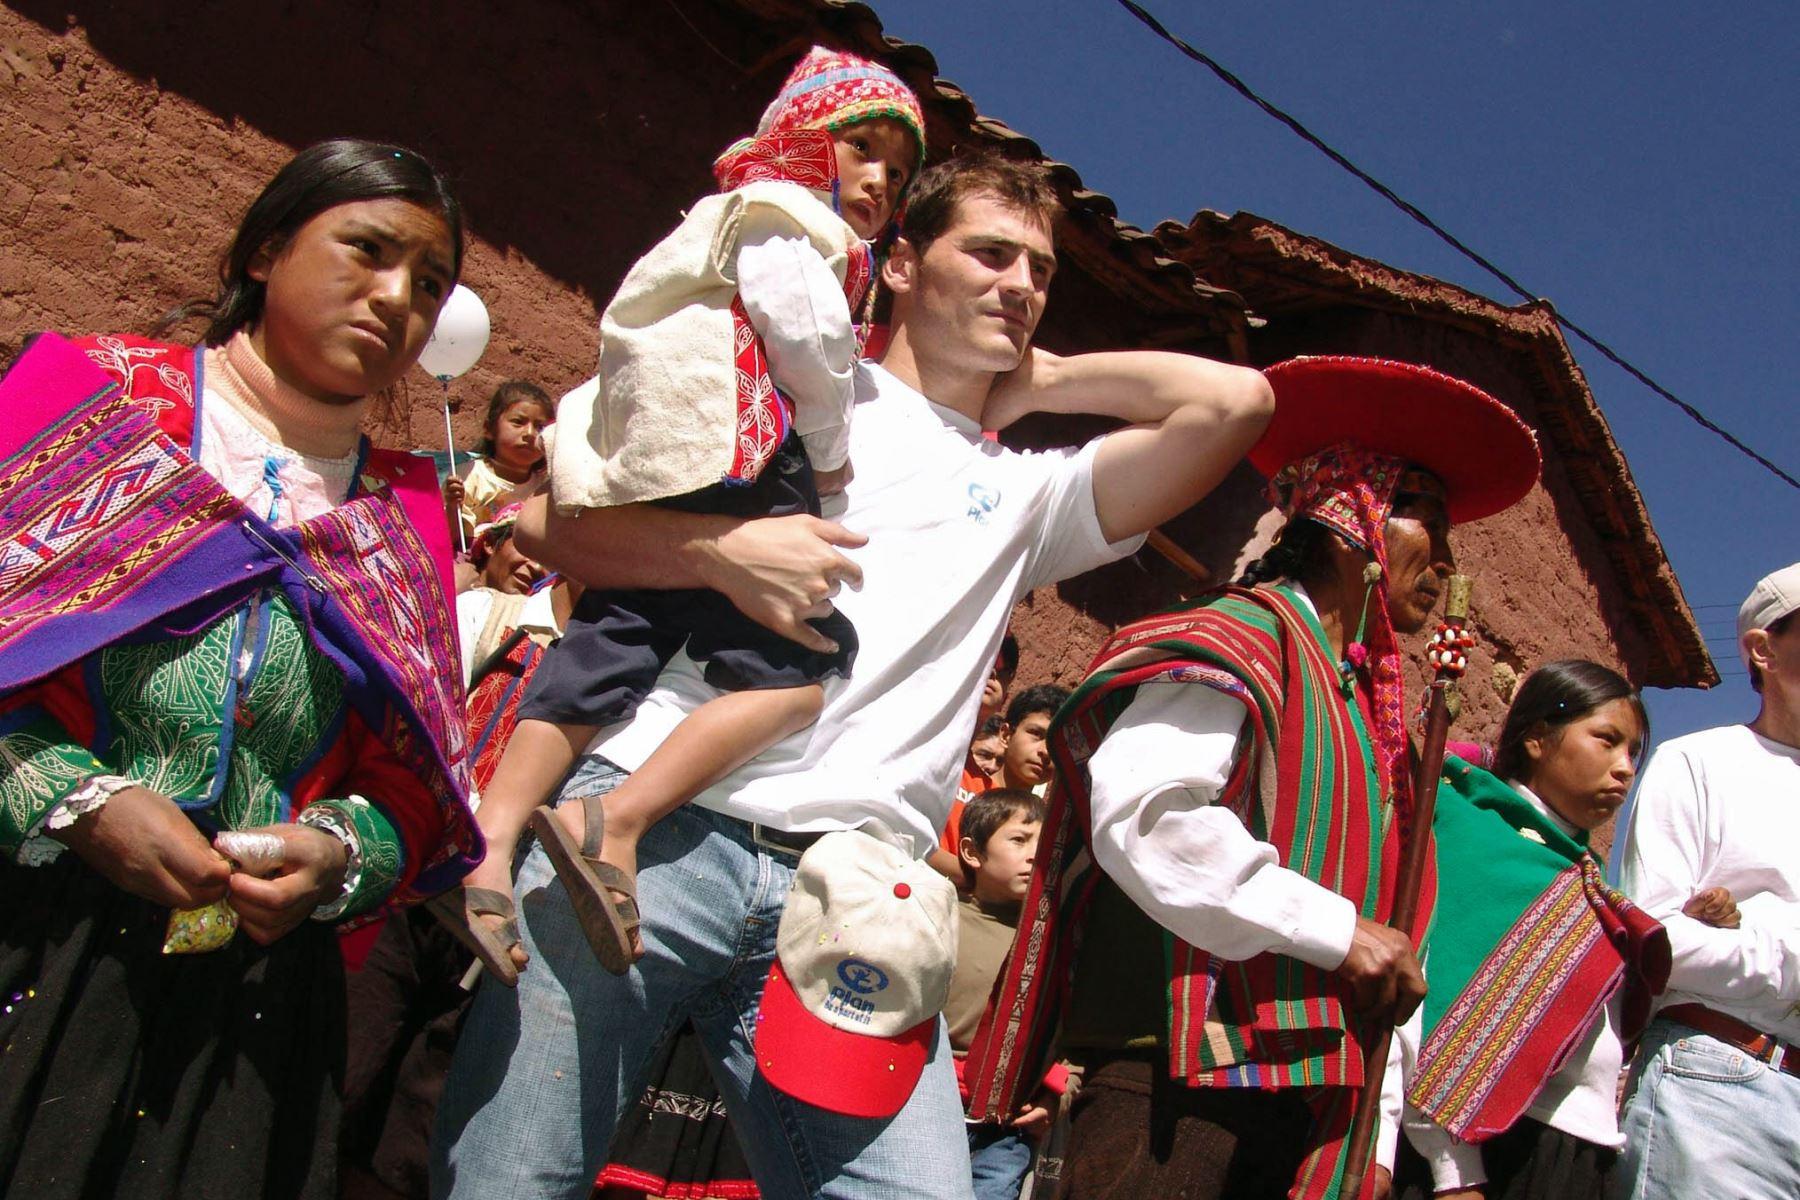 El portero Iker Casillas, lleva a un niño de la comunidad de Patabamba, en Cusco, Perú. Foto: AFP